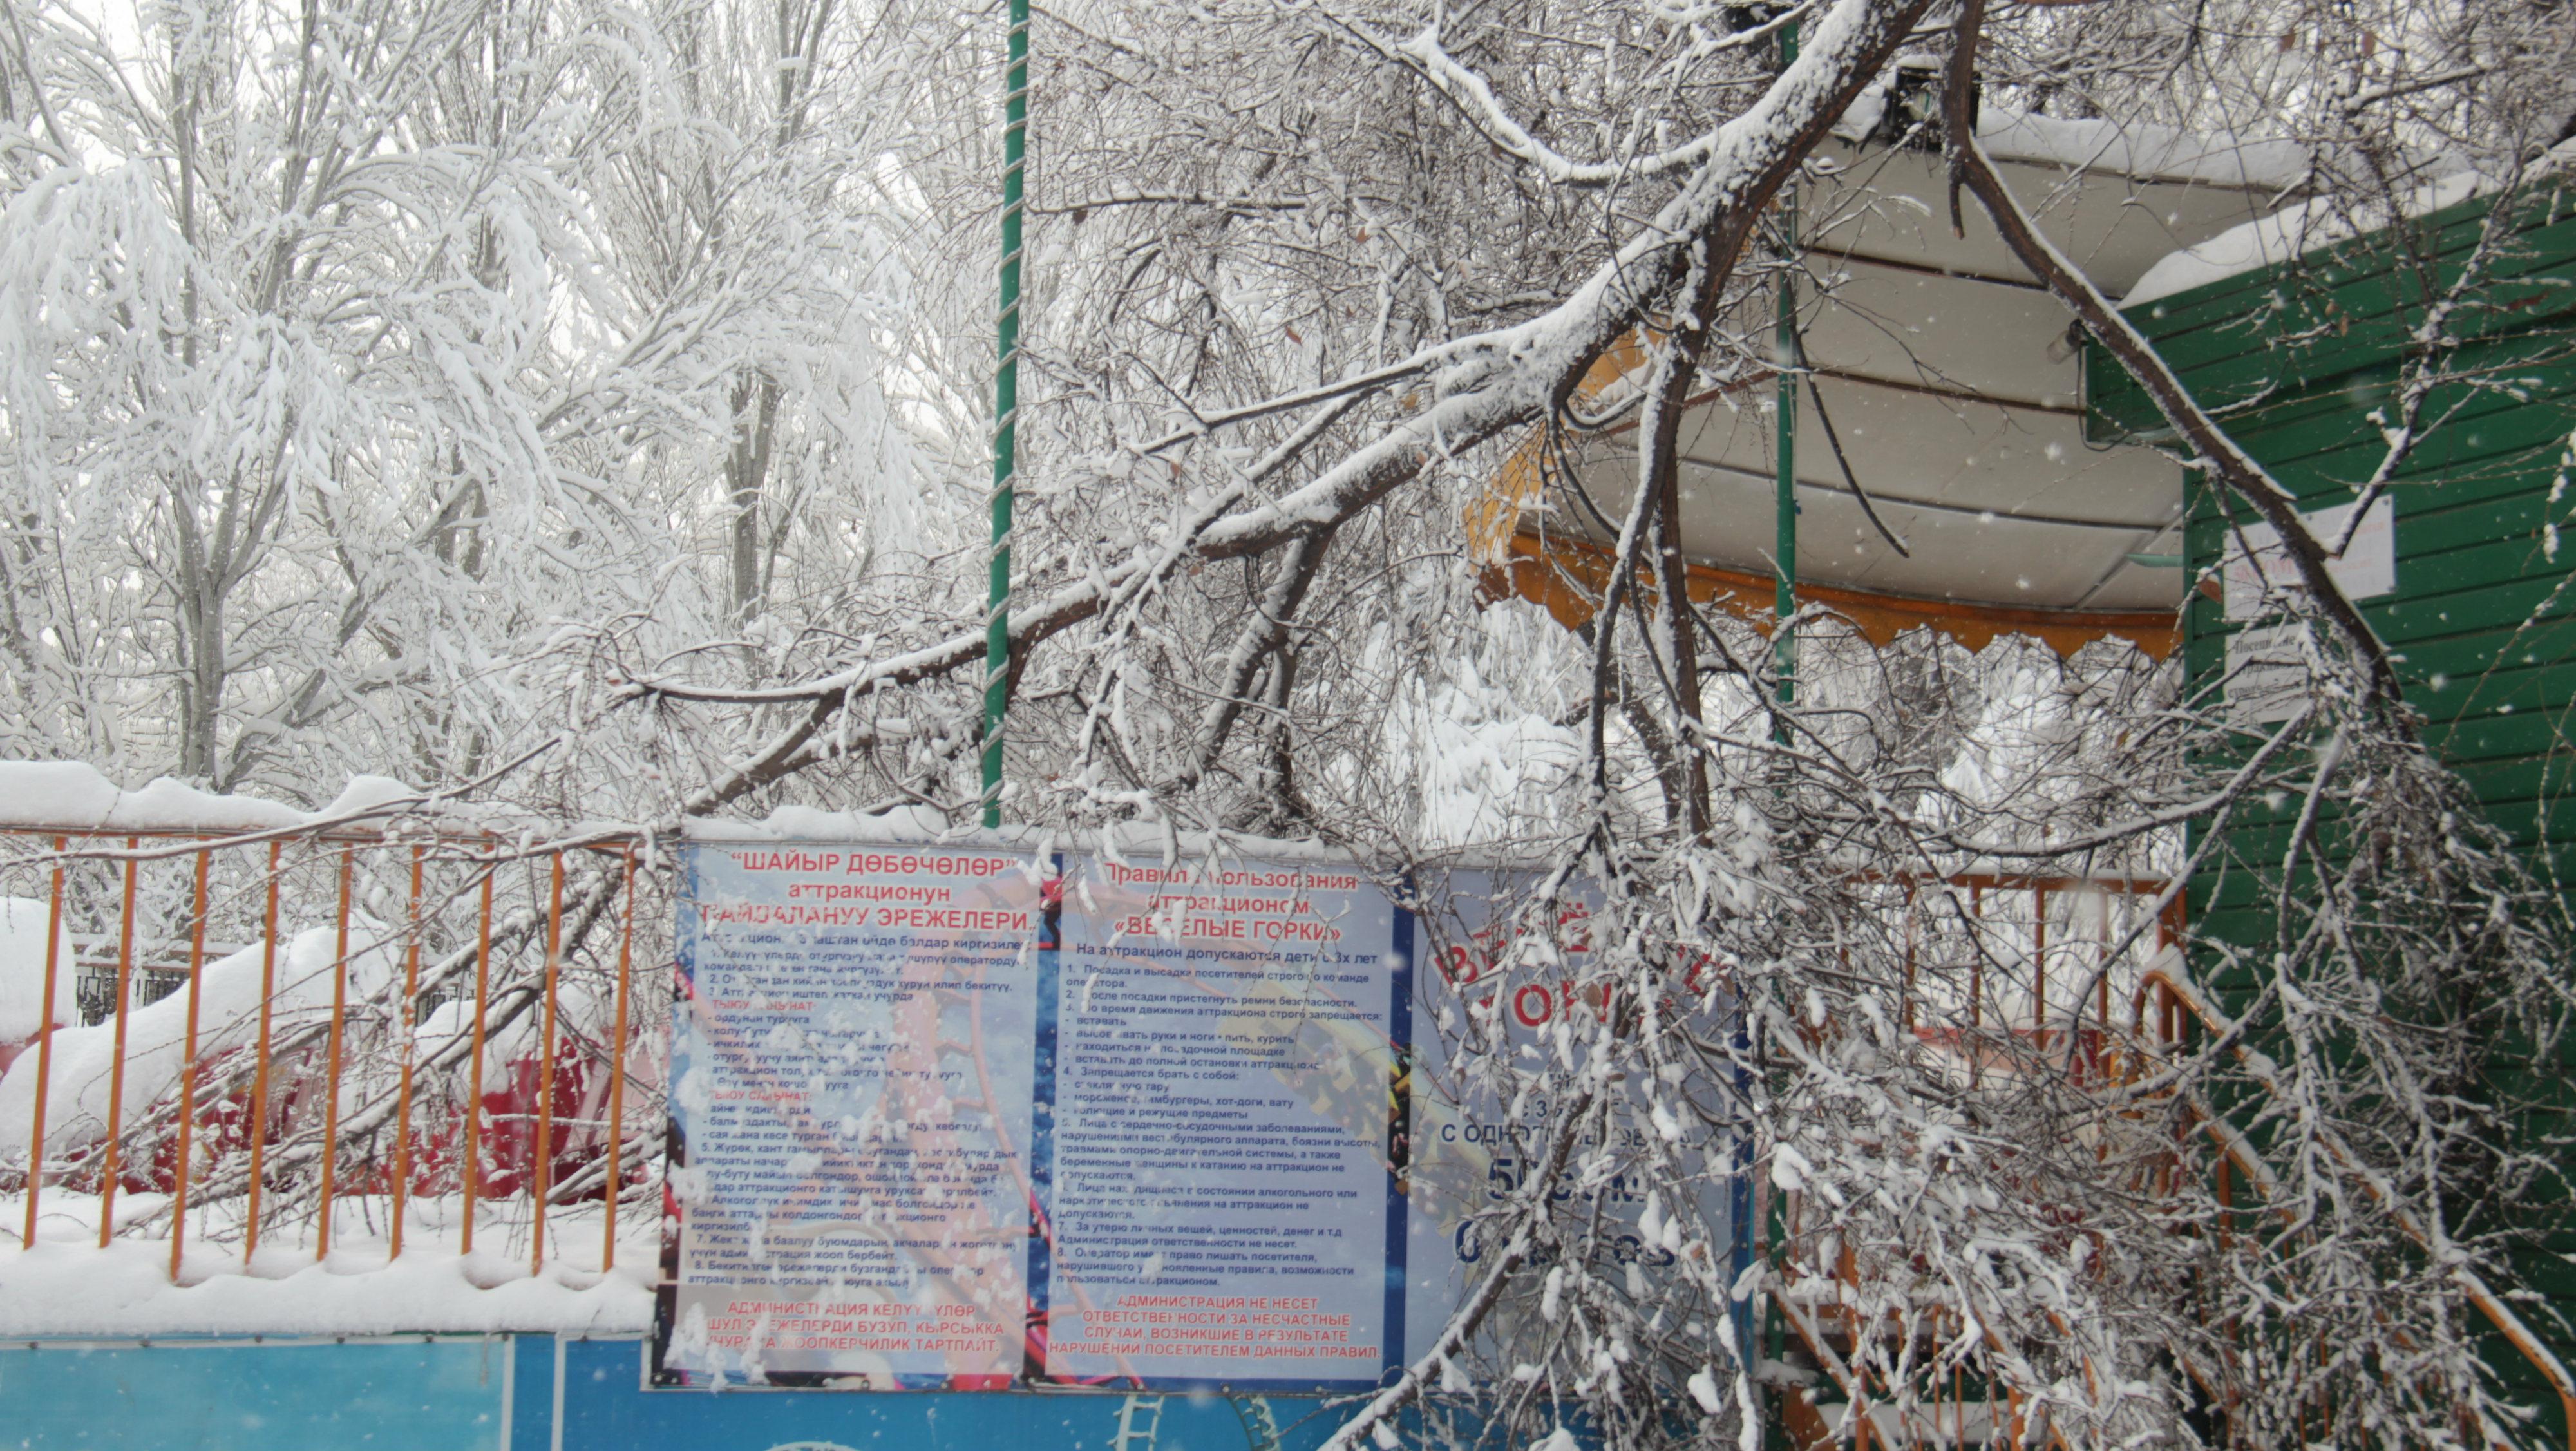 «Дополнение» к аттракциону в парке Панфилова.